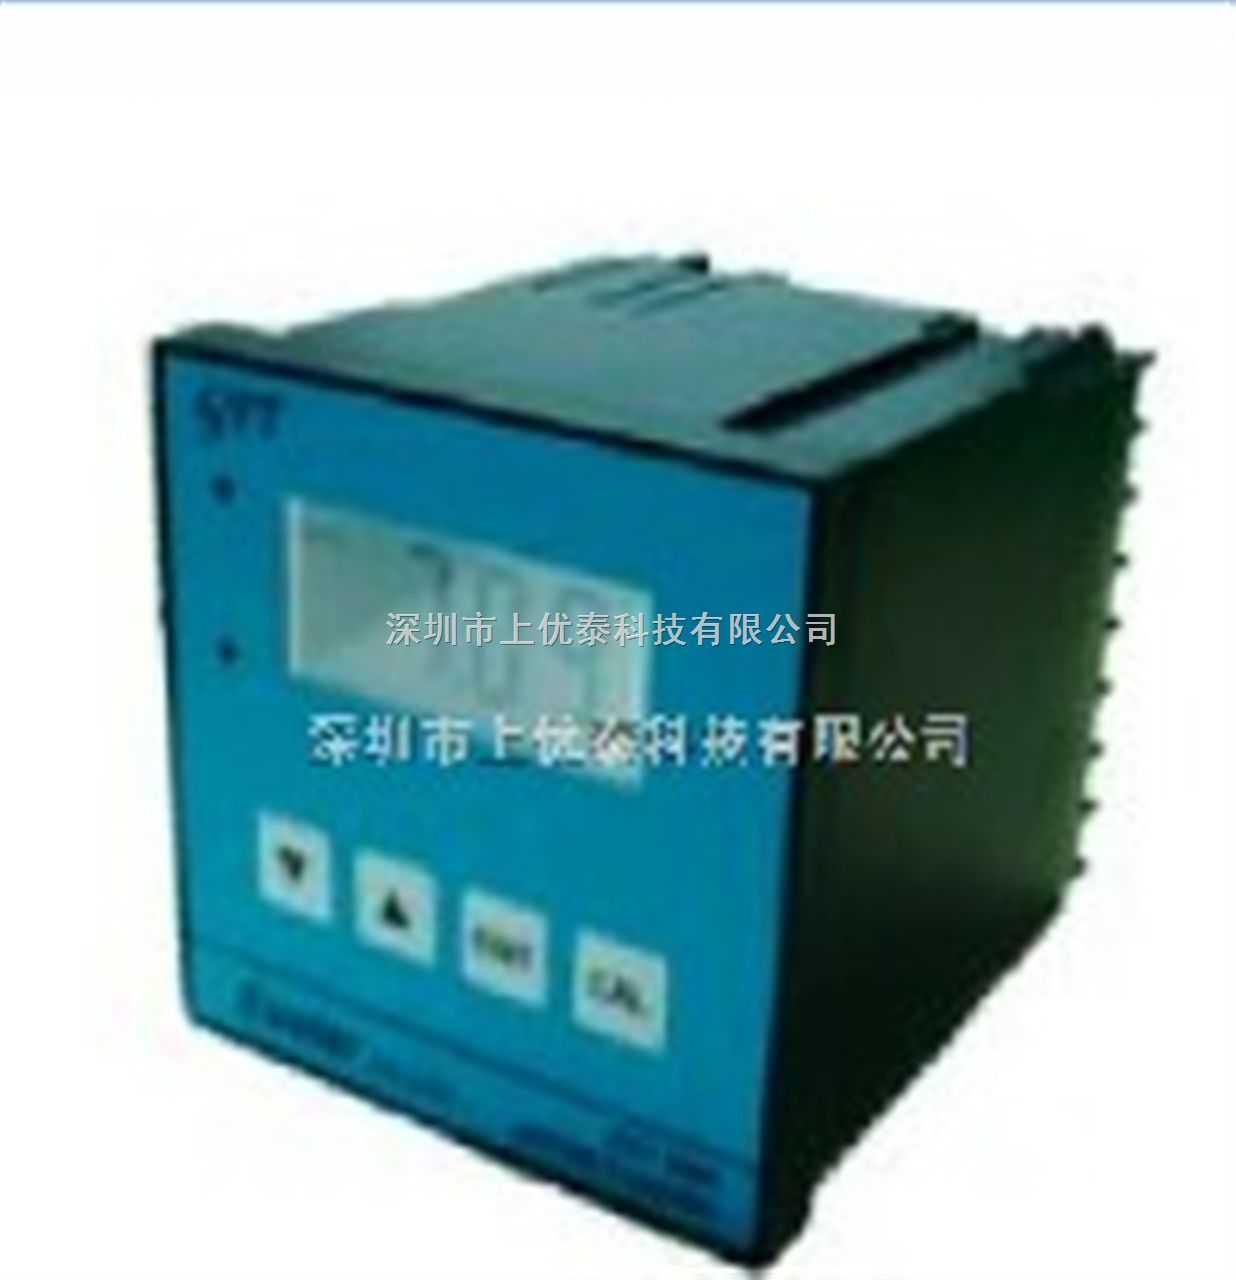 工業酸度計,在線酸度計,酸堿度控制器